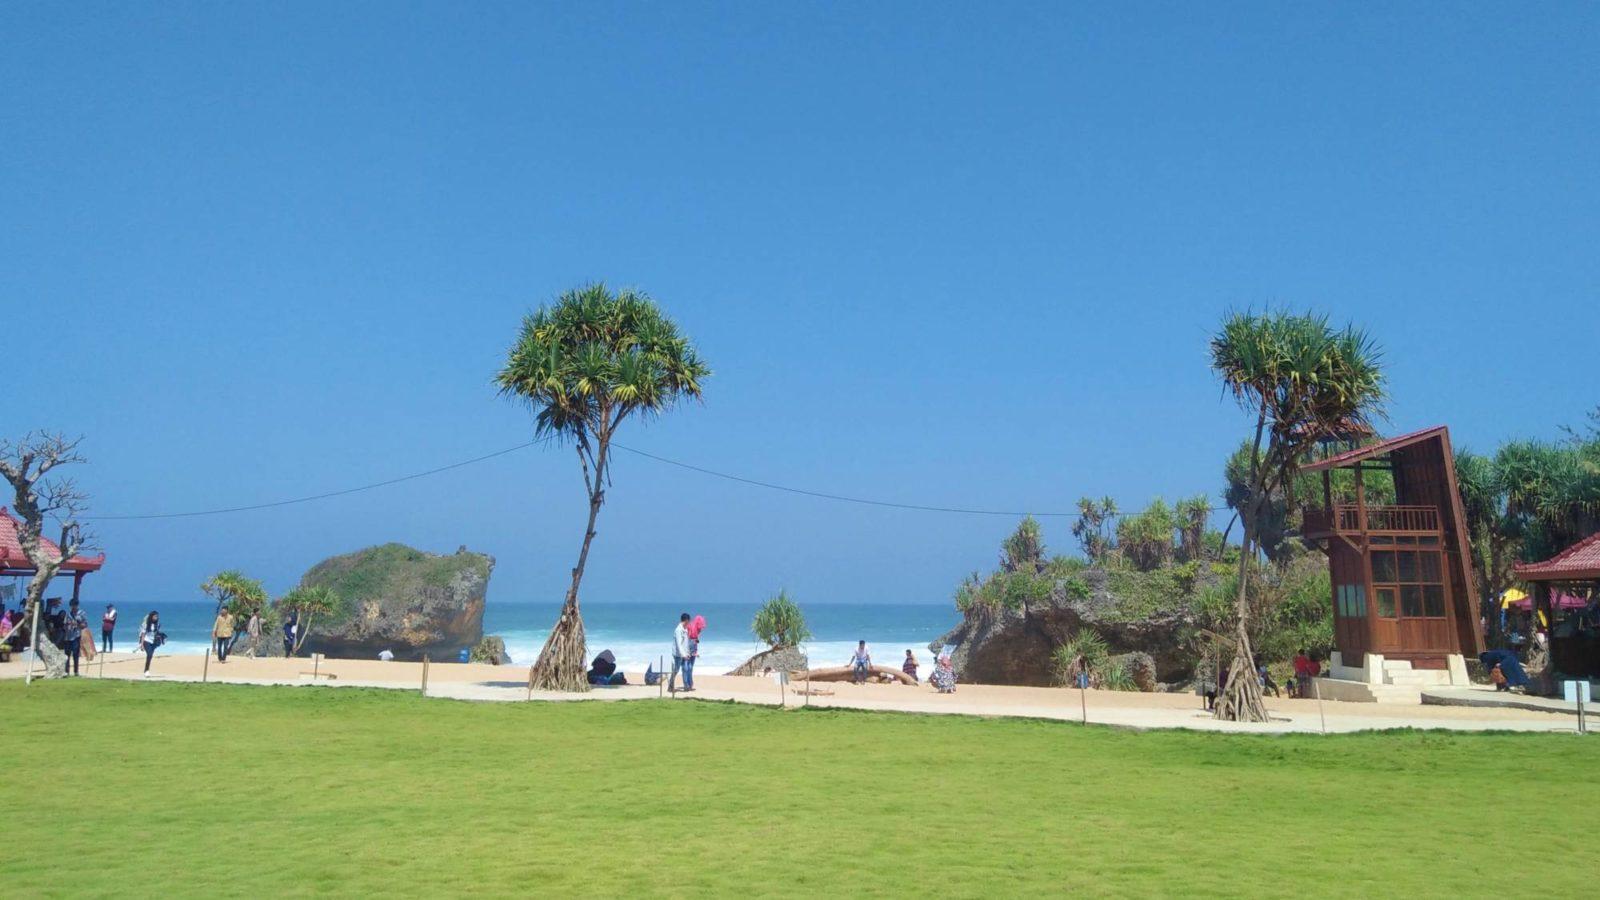 Pantai Ngrawe, Pantai Cantik Dengan Taman yang Cantik